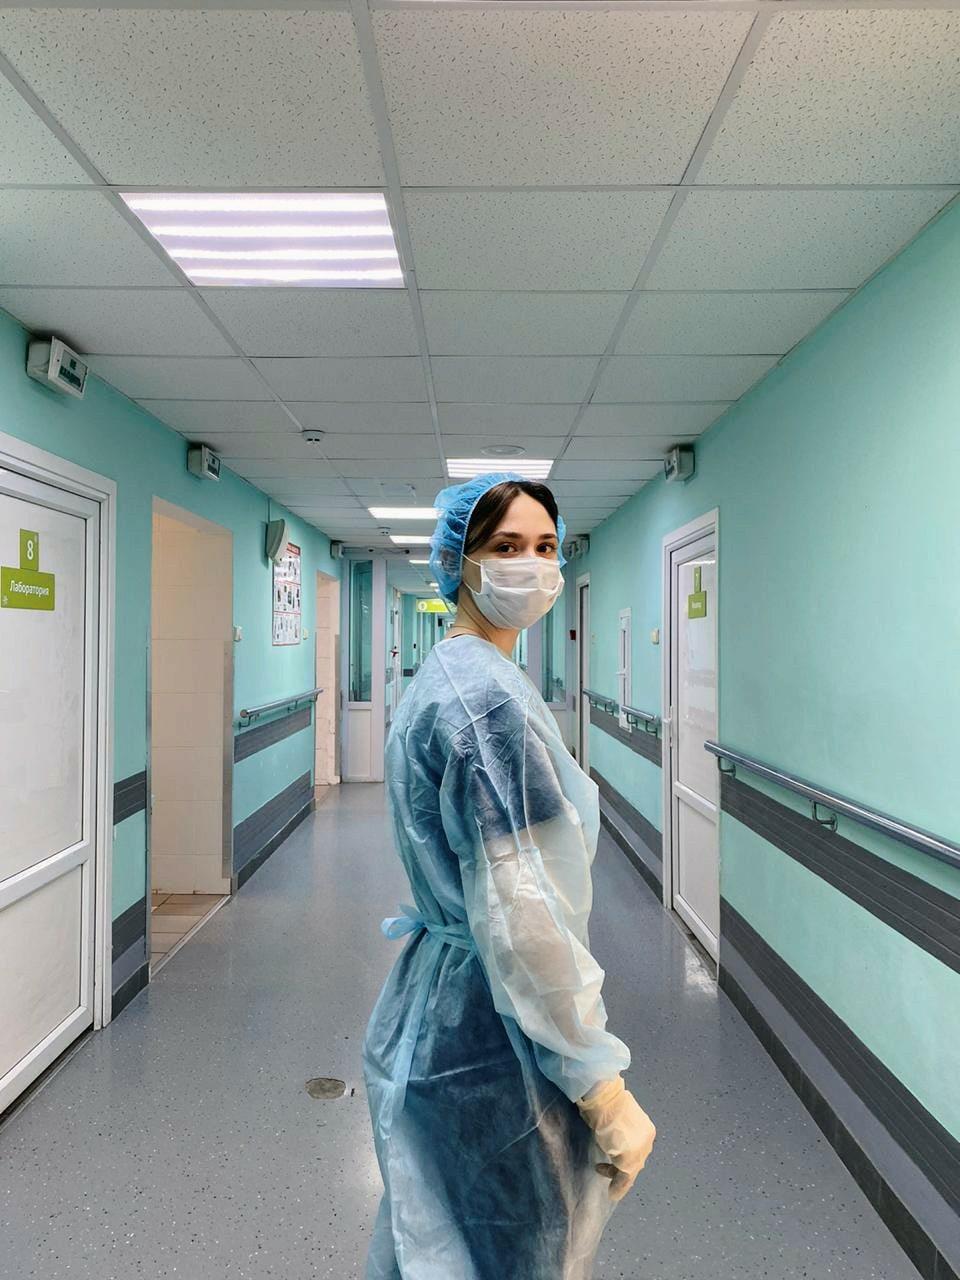 Дело добровольное: как помогать больницам и врачам в борьбе с коронавирусом